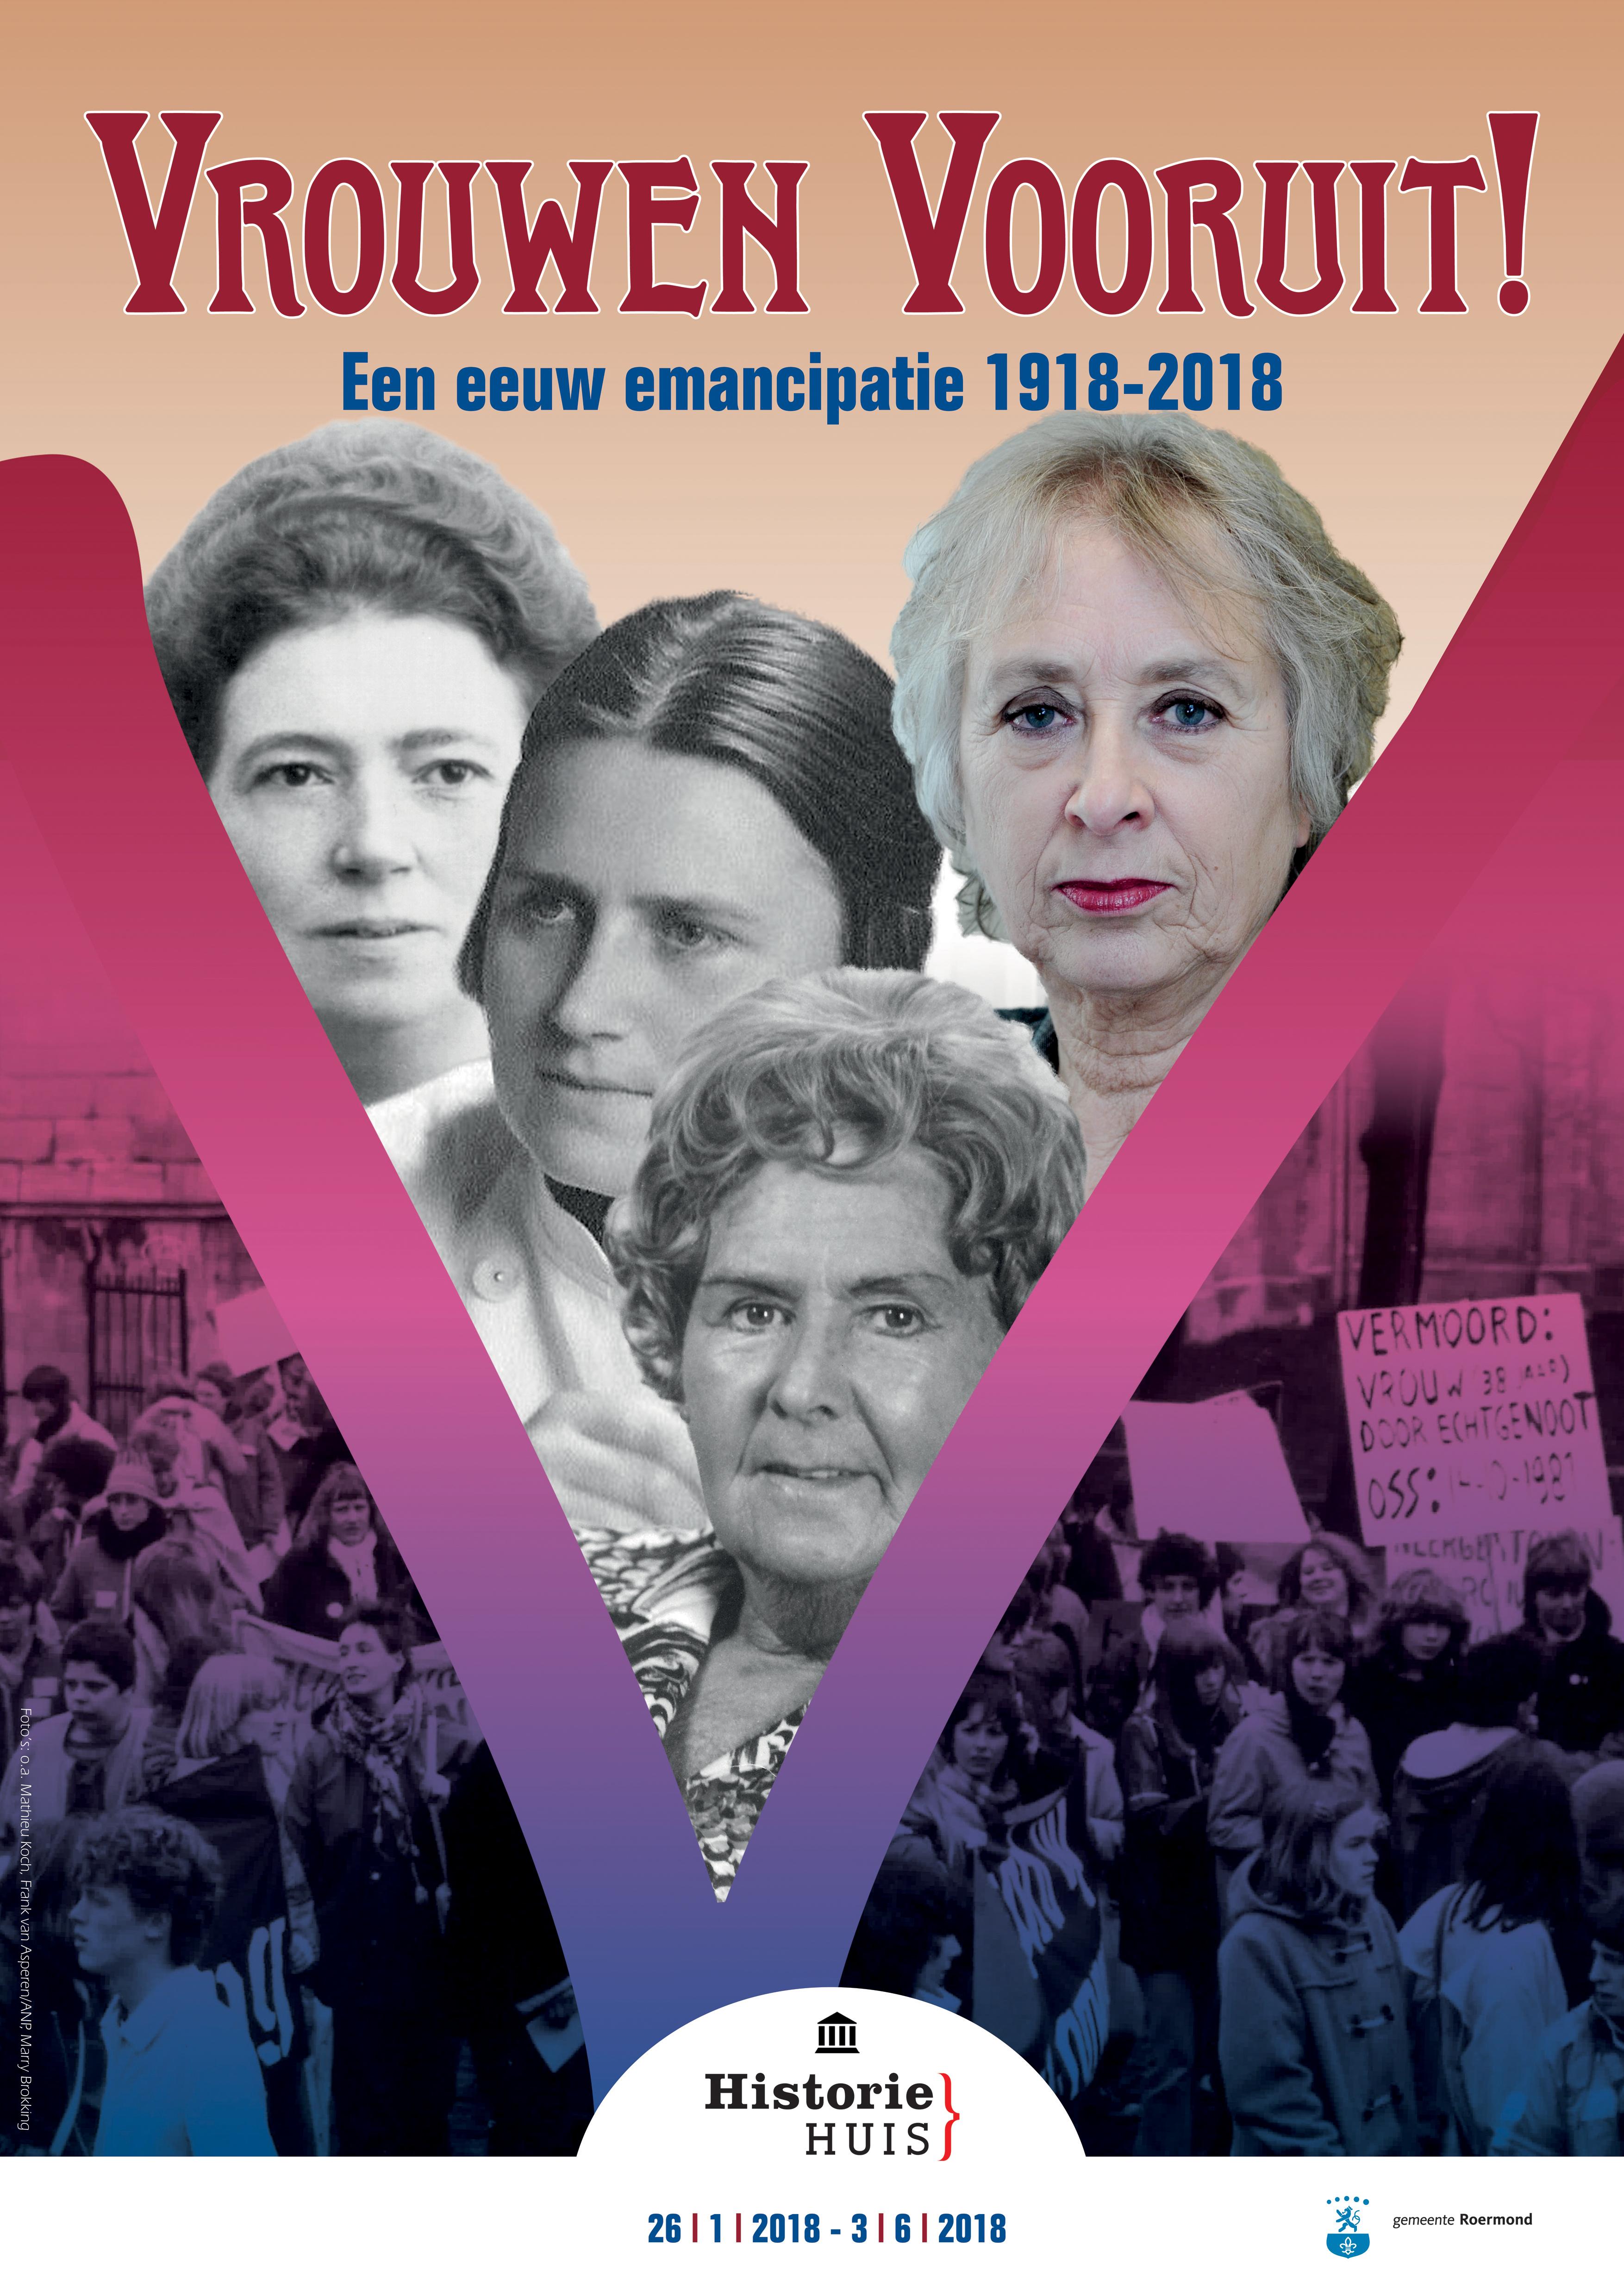 stedelijk historisch museum vrouwenemancipatie feminisme vrouwenbeweging